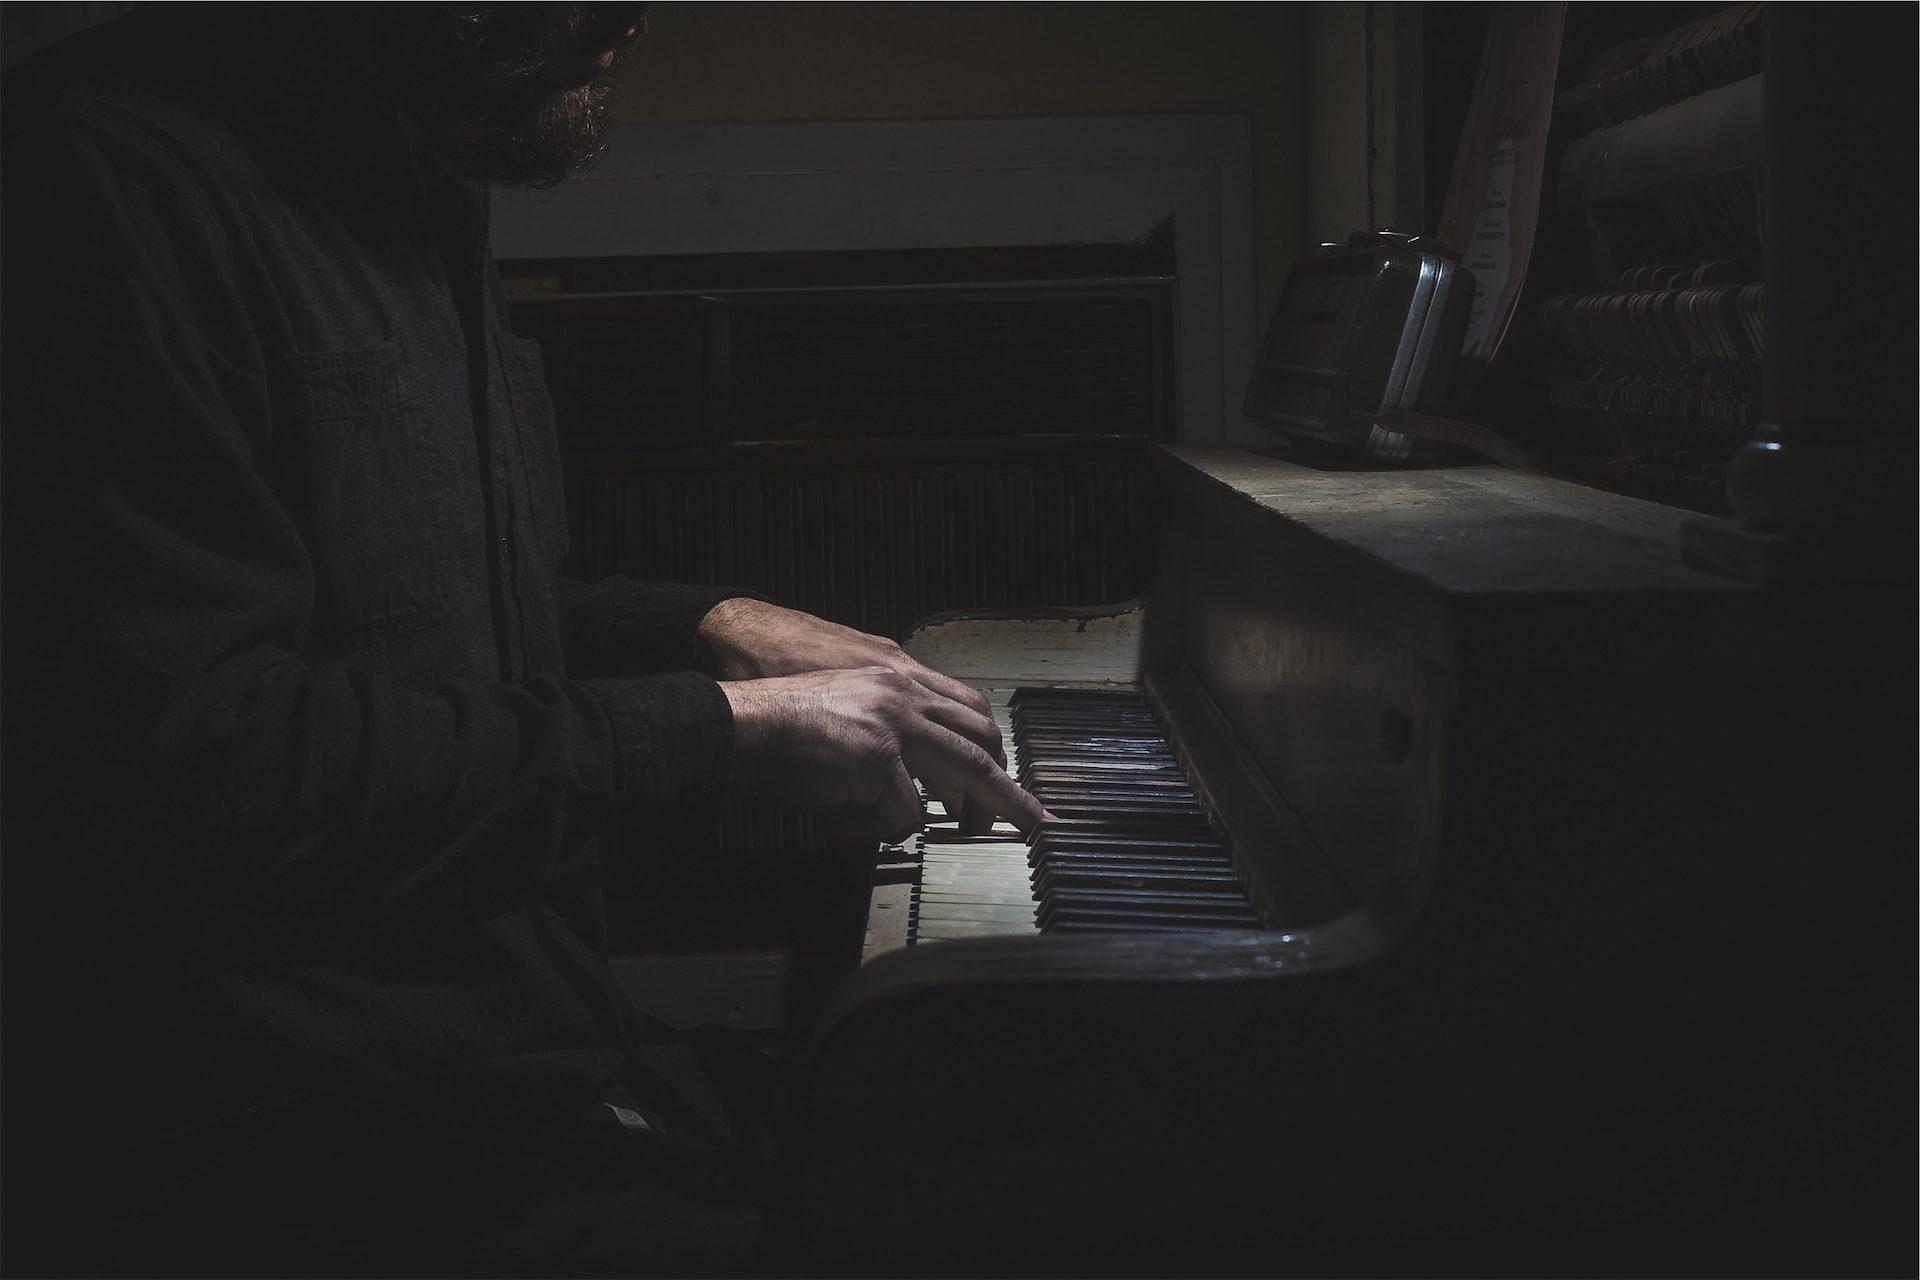 pianoforte, vecchio, uomo, musicista, chiavi - Sfondi HD - Professor-falken.com